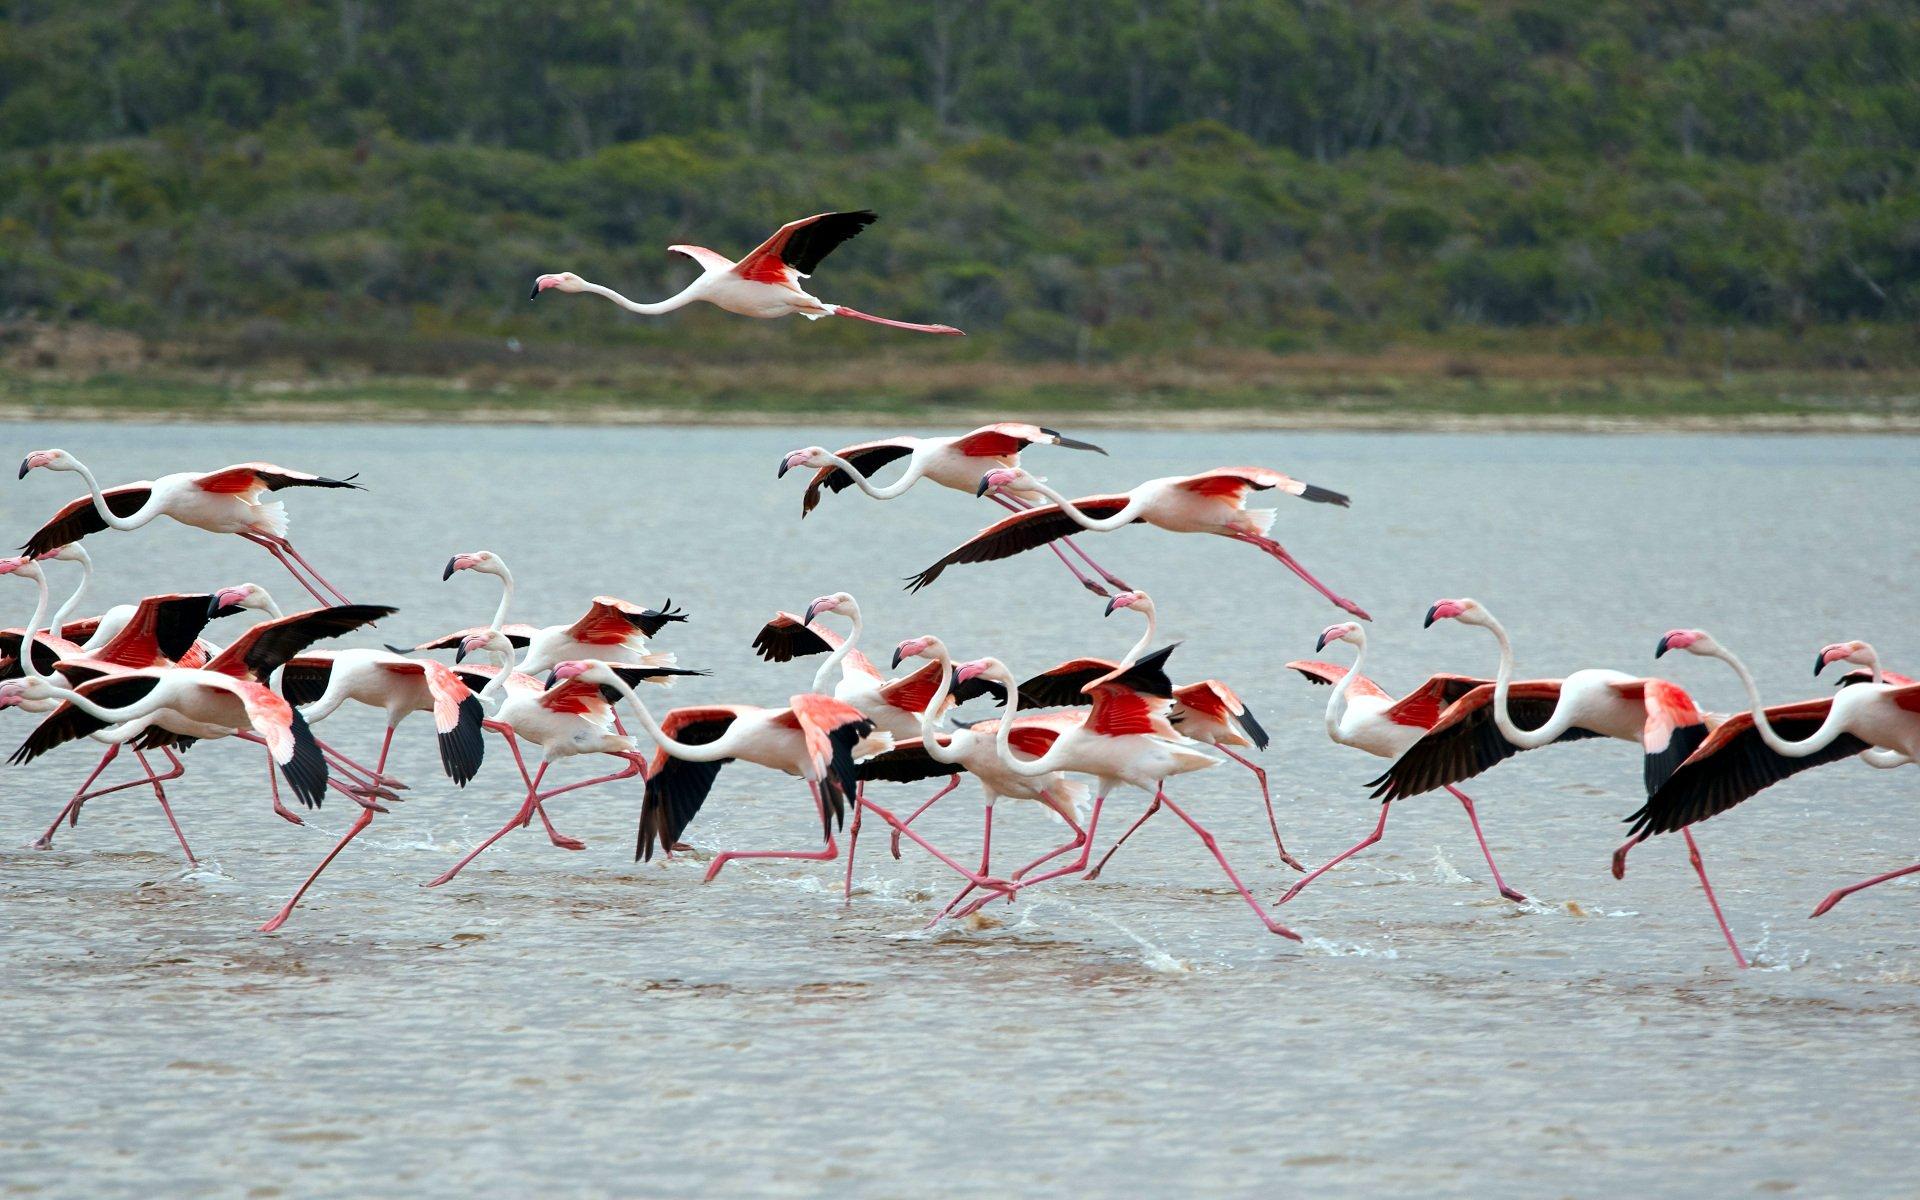 Lake Nakuru, with its fantastic flamboyance of flamingos nesting along the shores, forms the main highlight of a trip to Lake Nakuru National Park.